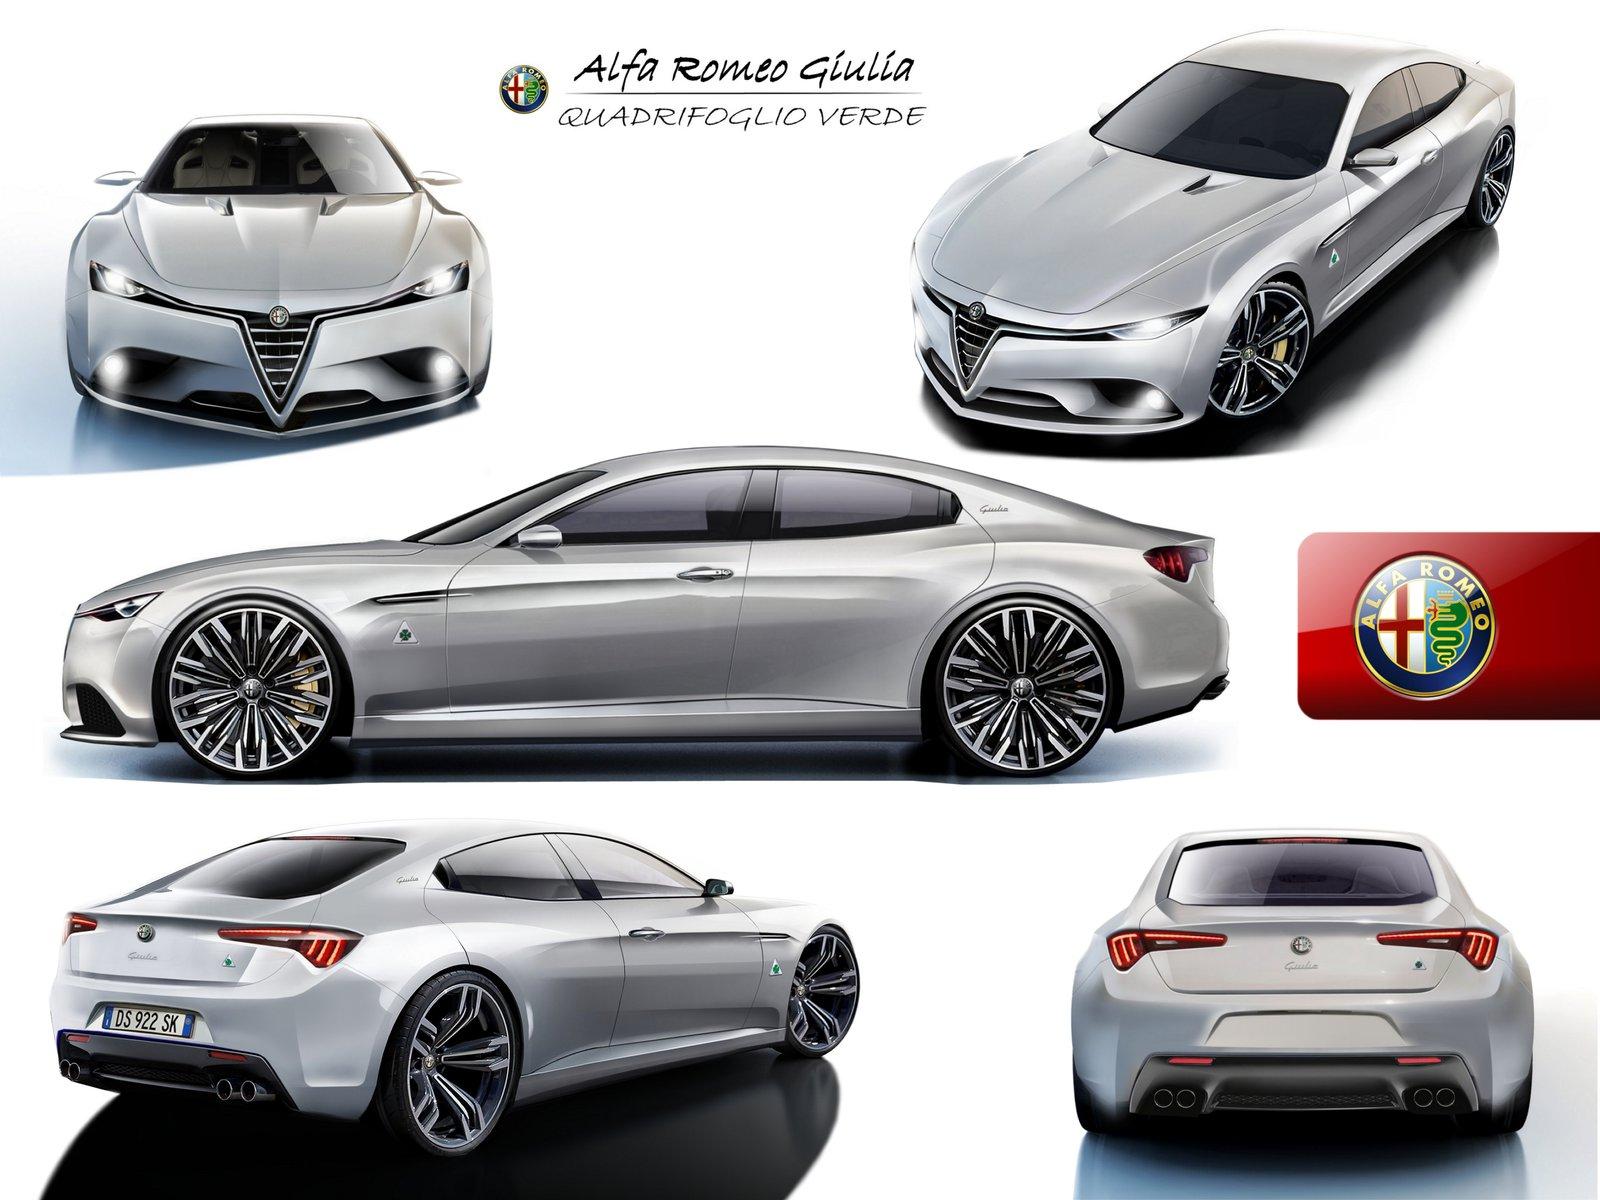 Procurele slike produkcijskog modela Alfa Romeo Giulia